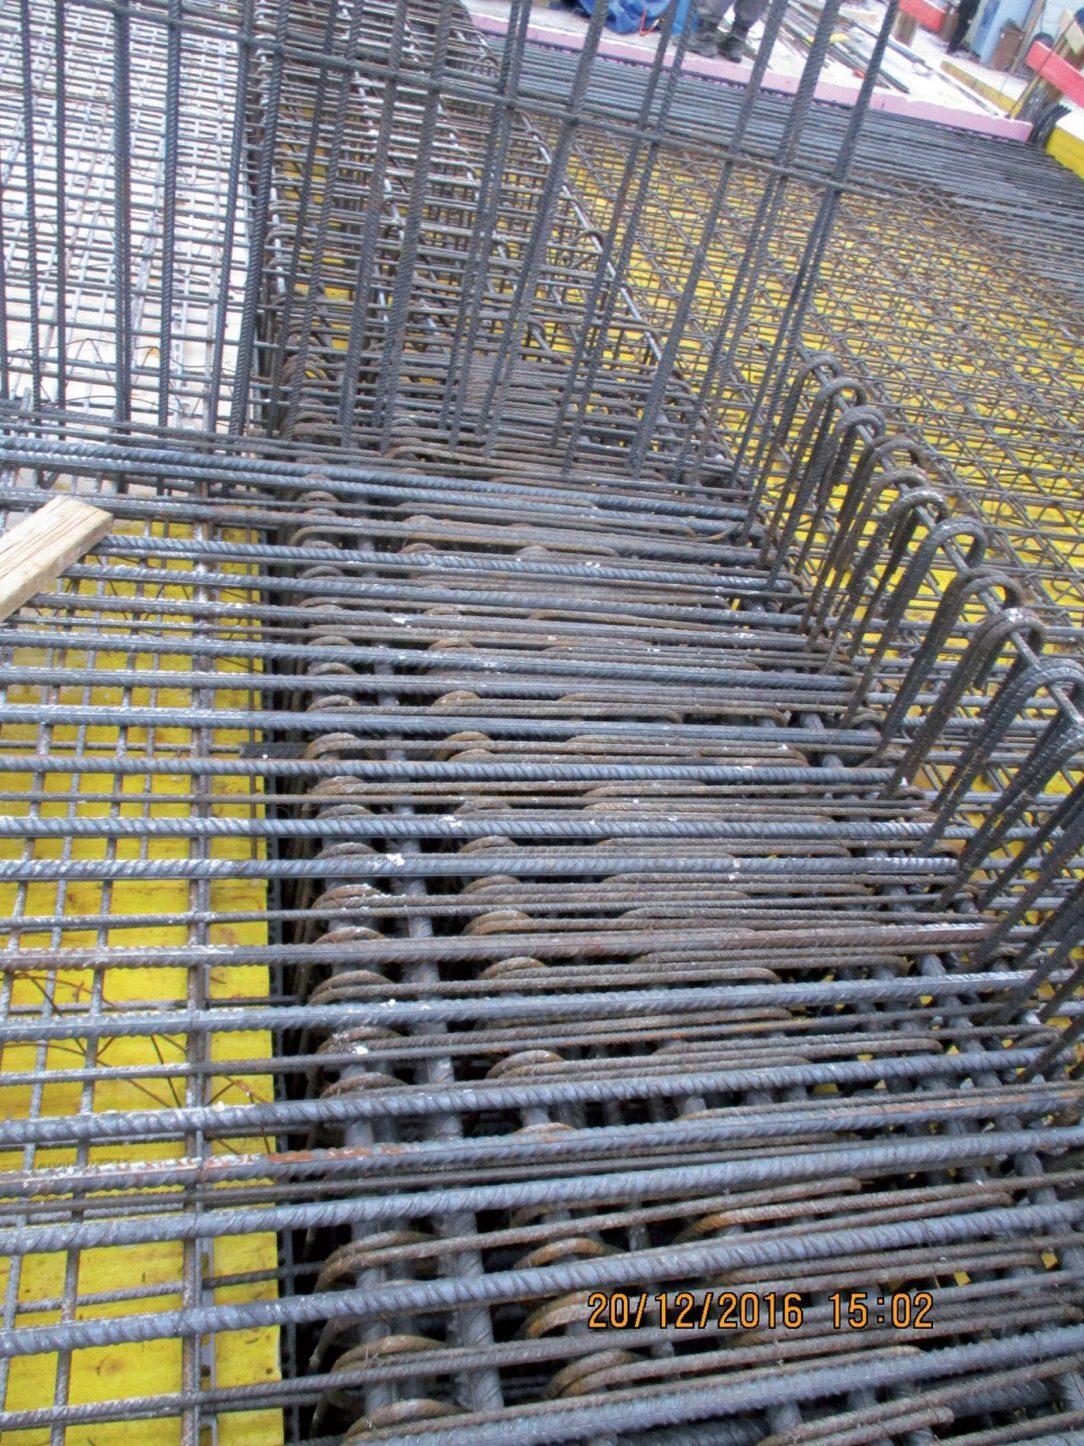 Obr. 7 Pohľad na výstuž v mieste styku stĺp nosníky doska steny vznikla veľká hustota výstuže a nedostatočné prípadne žiadne medzery medzi výstužou.